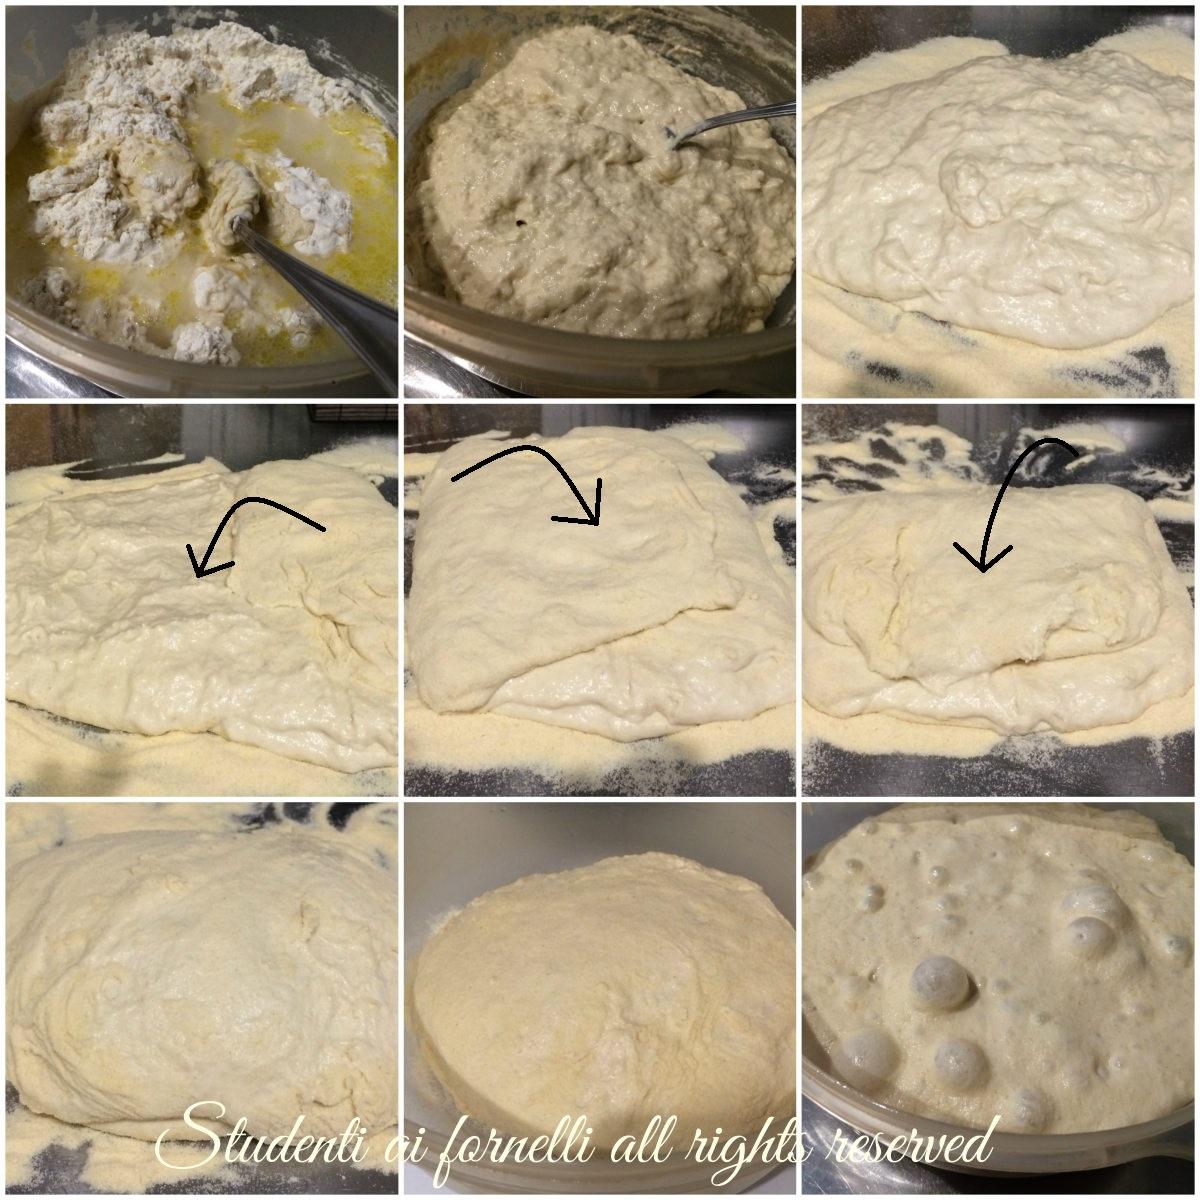 pizza bonci senza impasto ad alta idratazione passo passo 24 ore di  lievitazione passo passo ricetta